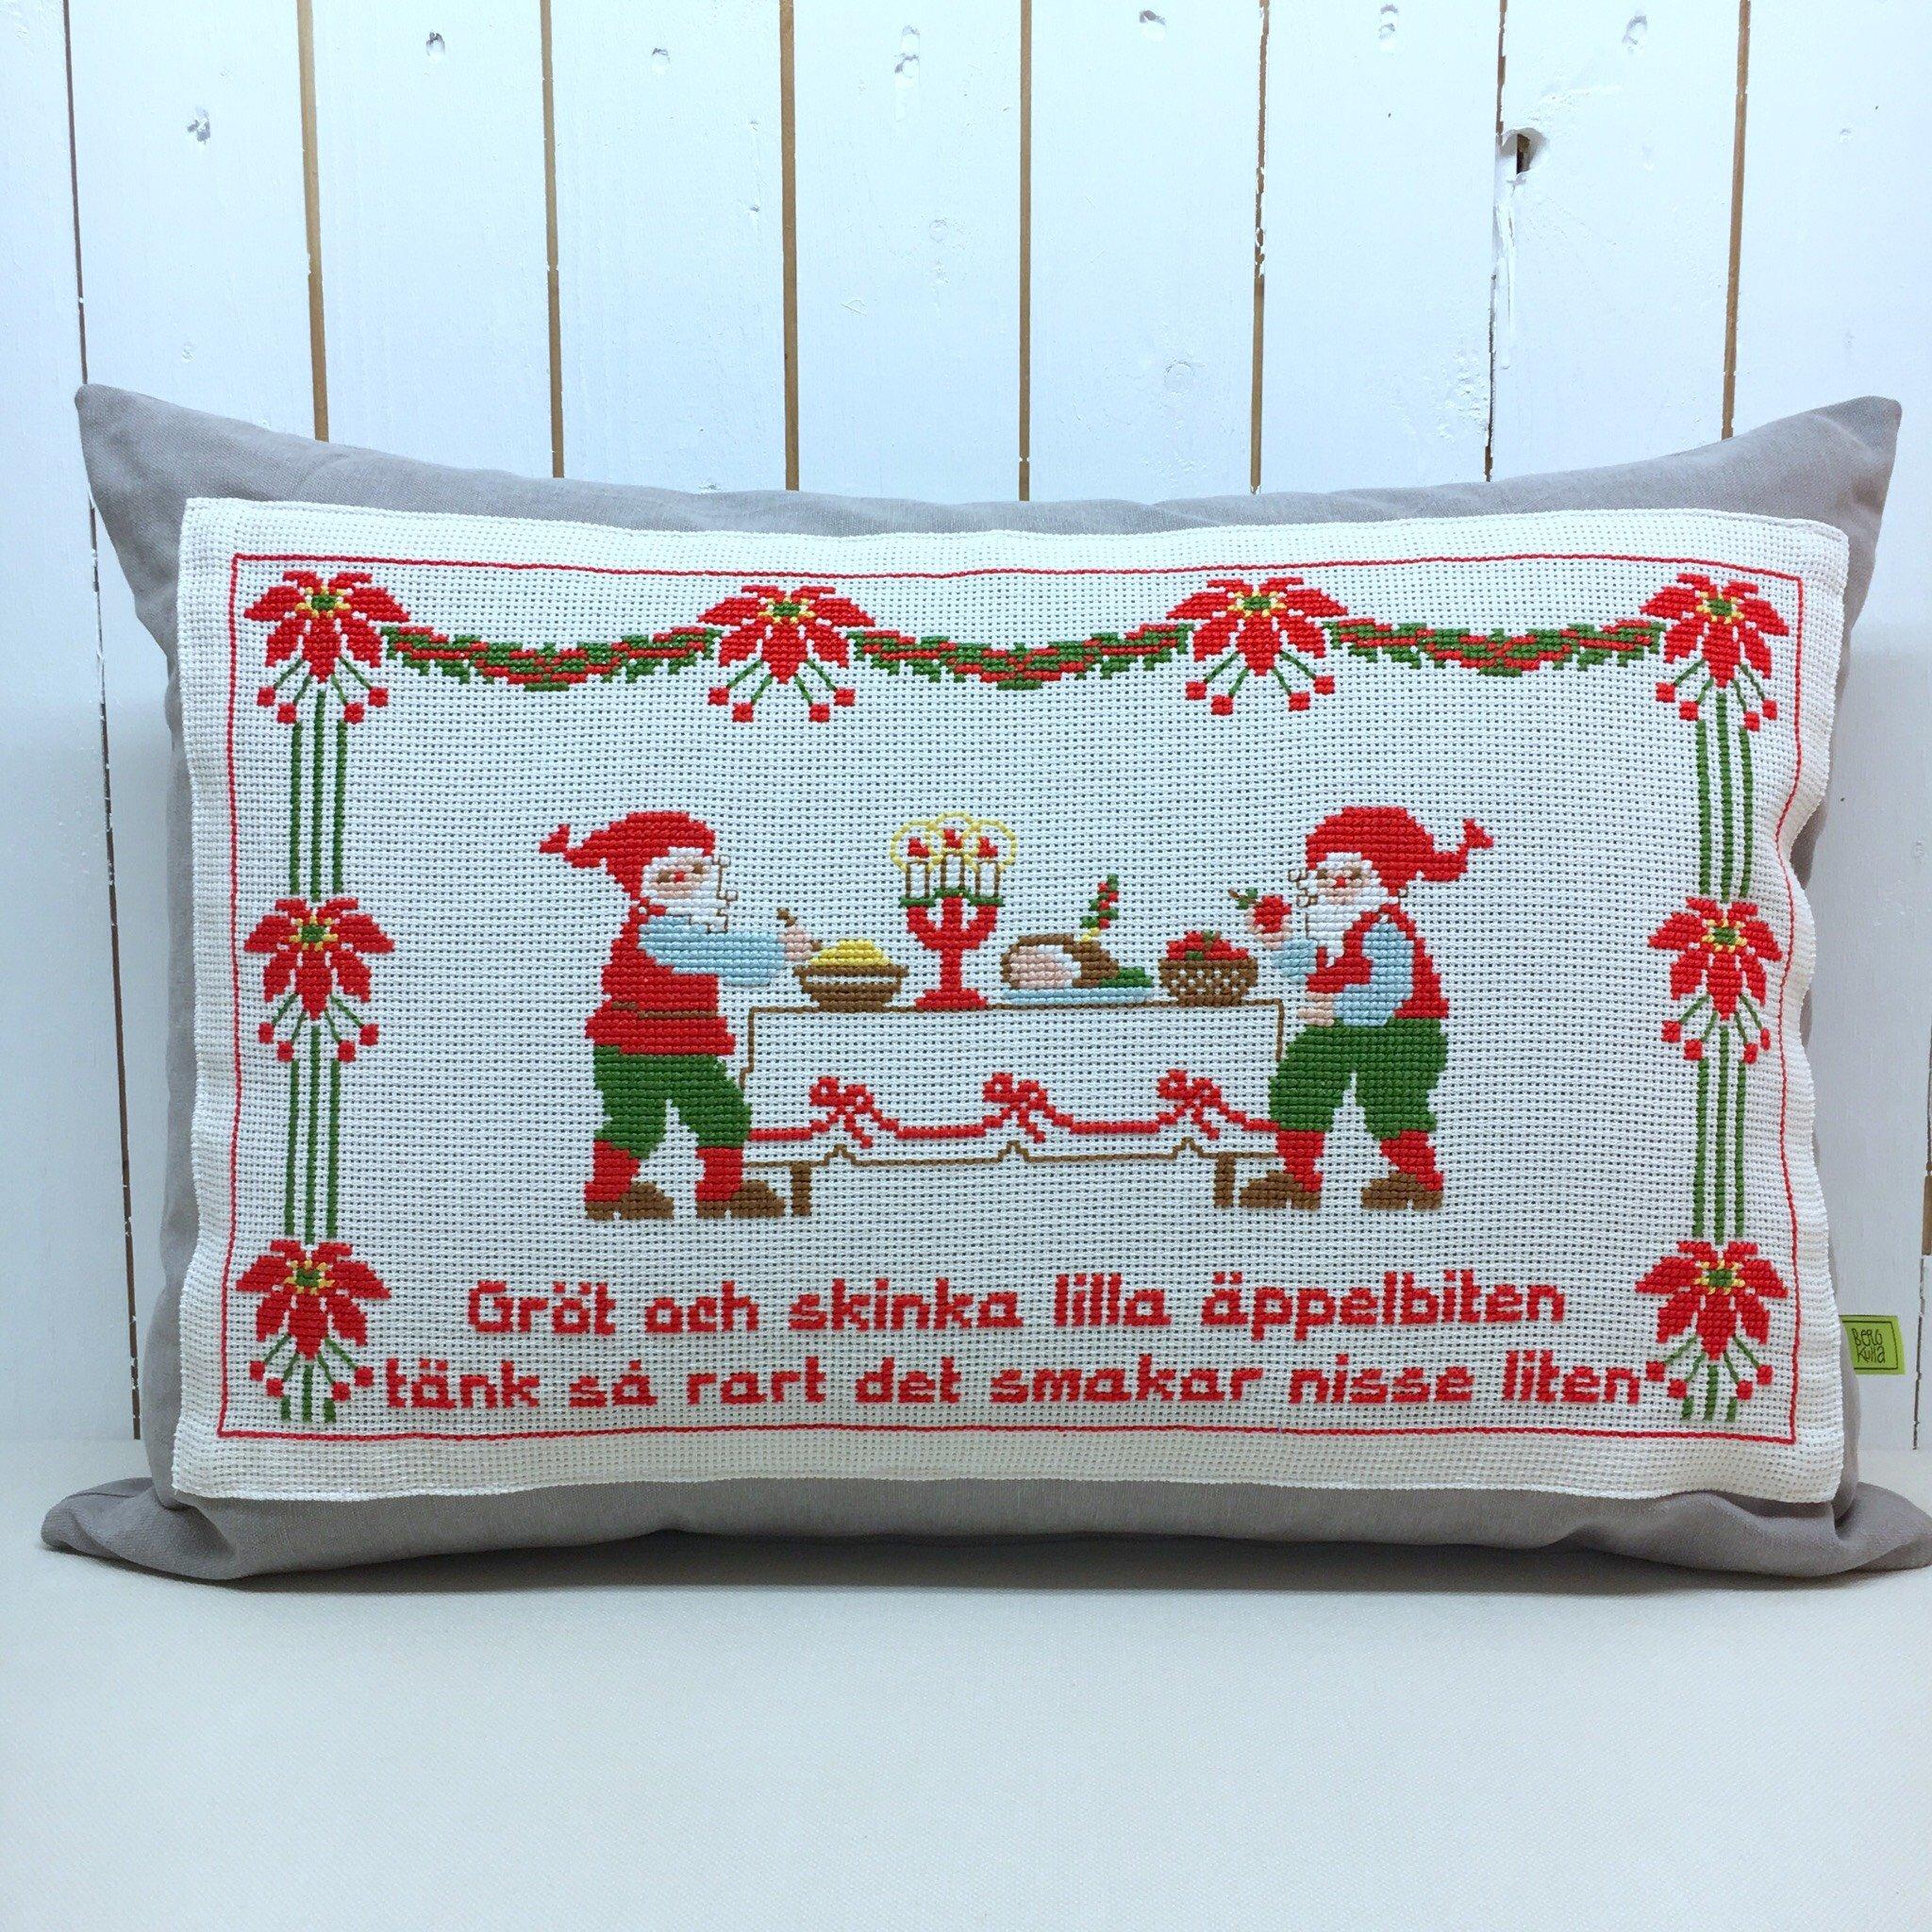 Julbonadskudde Gröt och skinka lilla äppelbiten